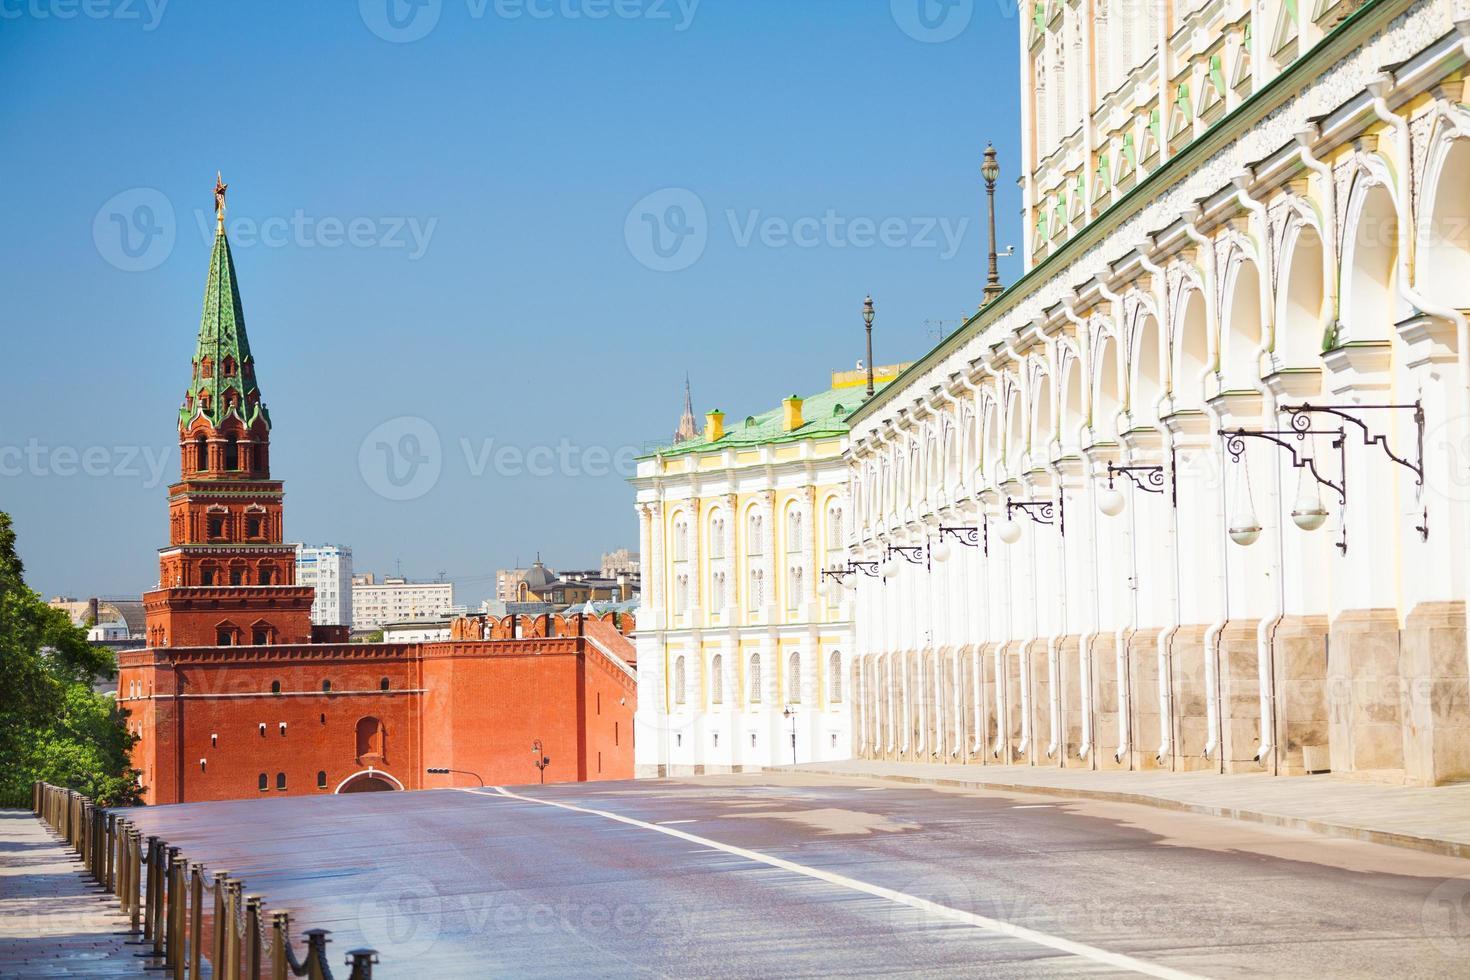 die enge Straßenansicht mit Borovitskaya-Turm foto